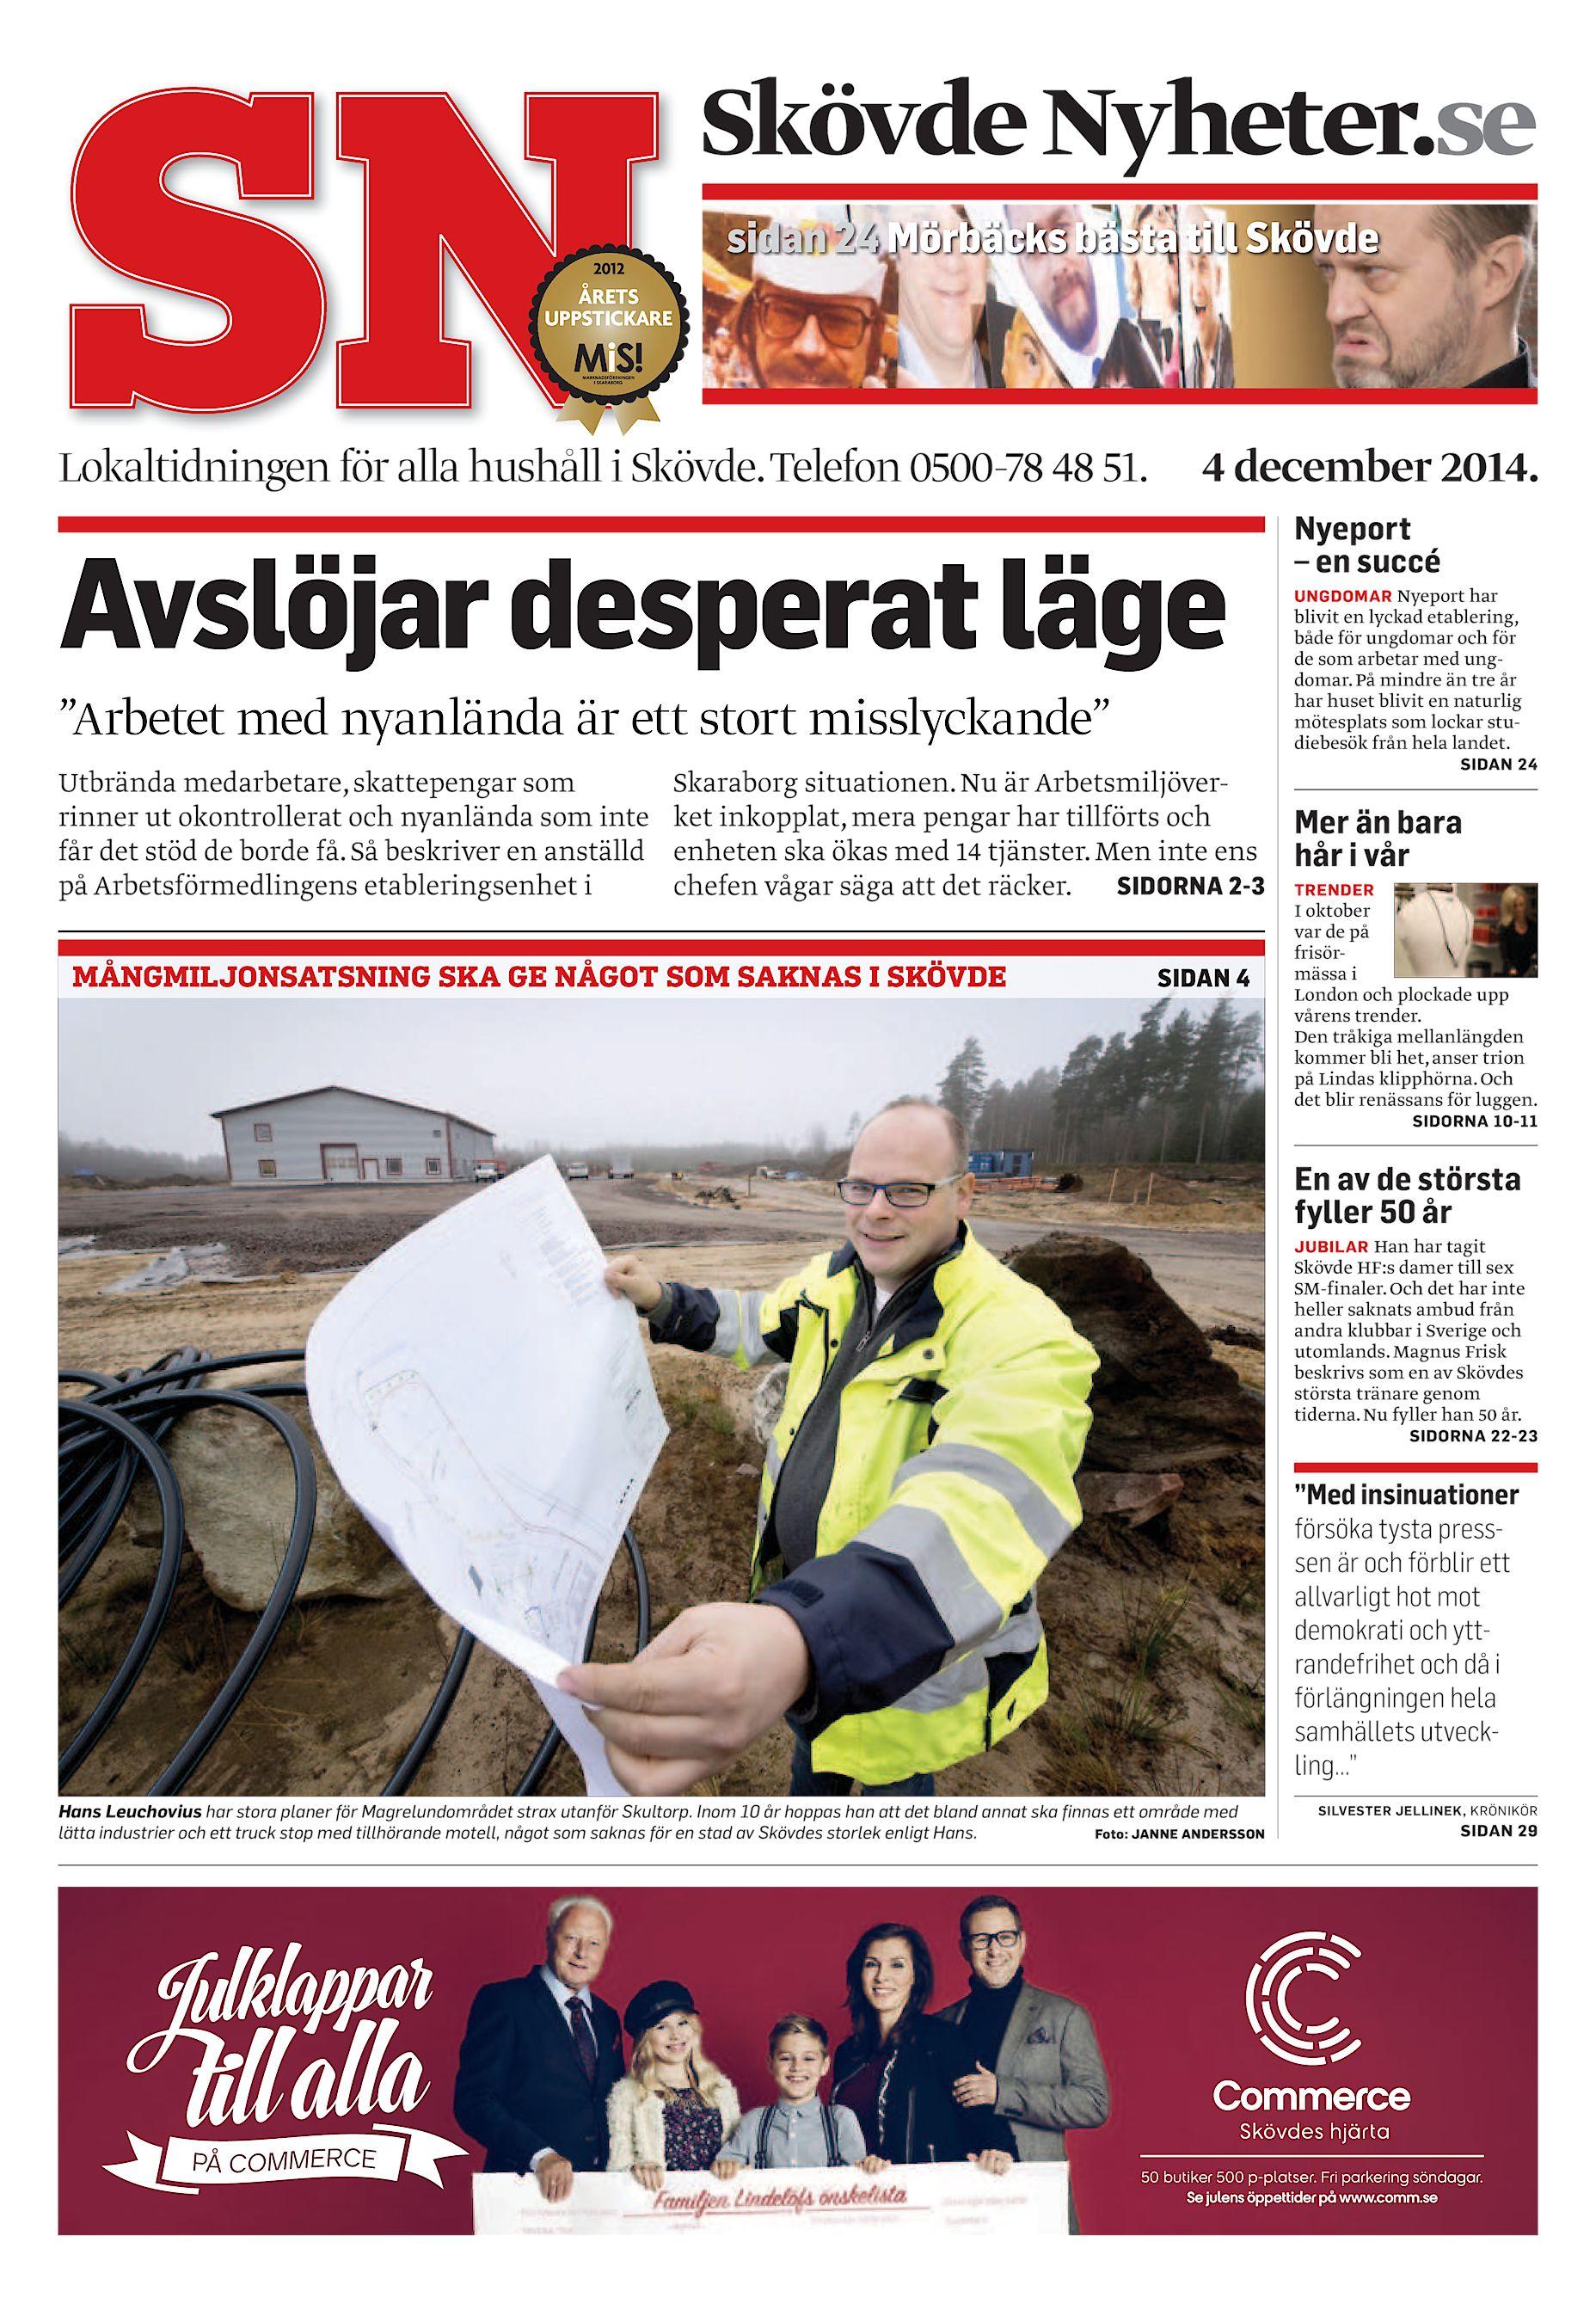 Skövde Nyheter.se sidan 24 Mörbäcks bästa till Skövde Lokaltidningen för  alla hushåll i Skövde. Telefon 0500-78 48 51. 4 december 2014. cfa7c618571c7